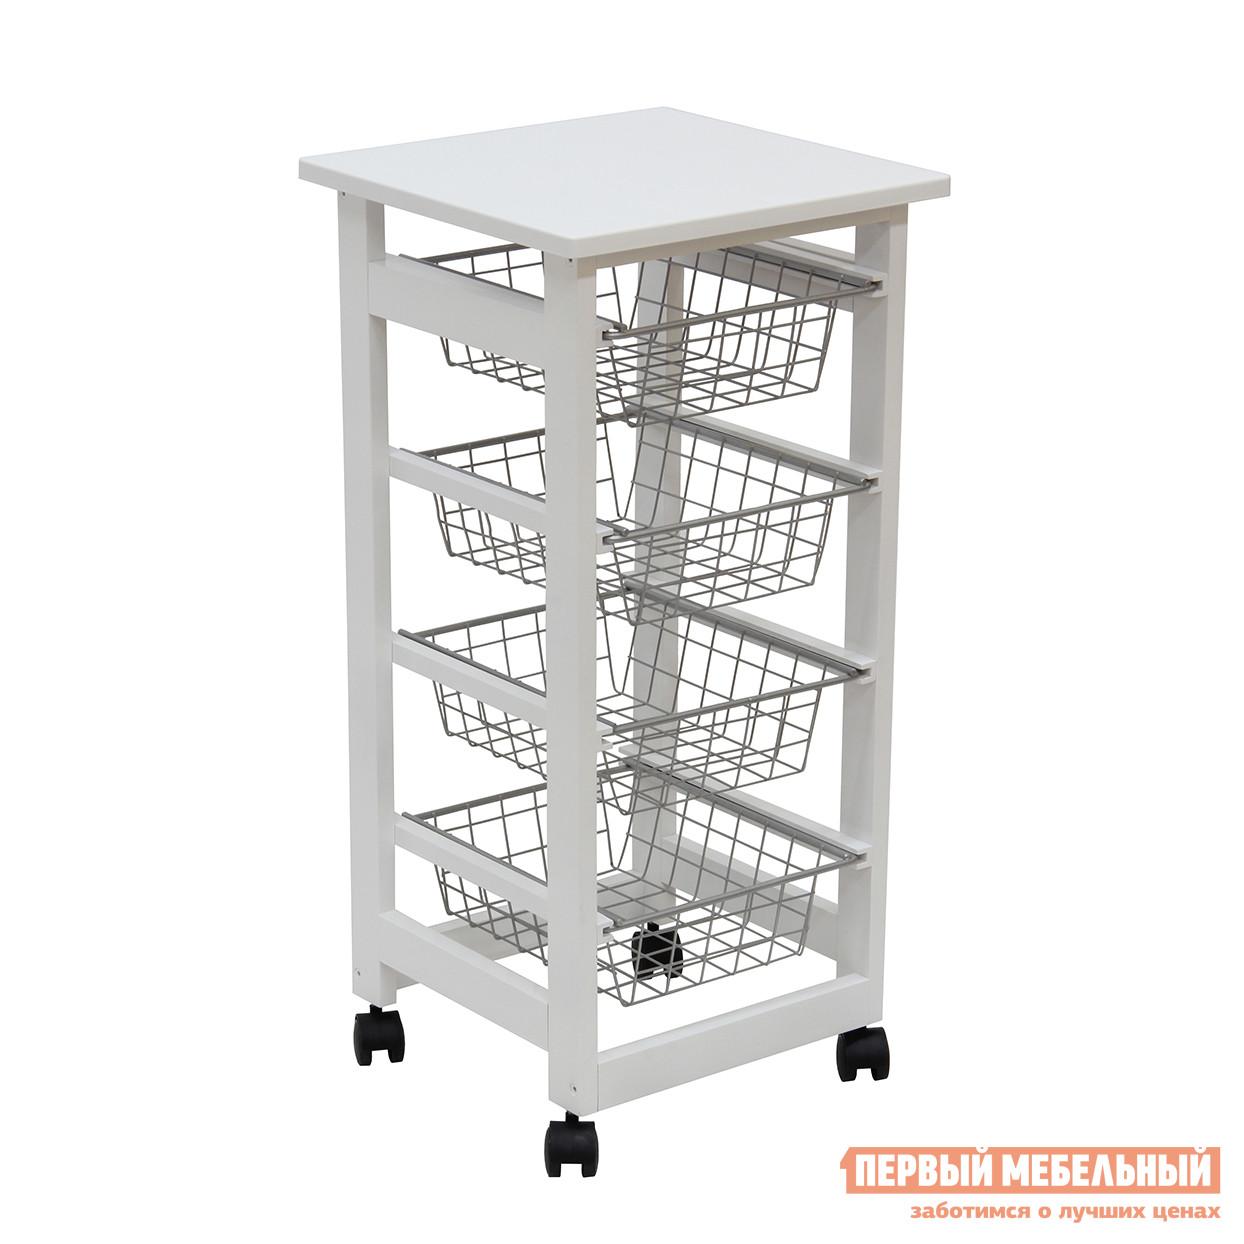 Сервировочный столик на колесиках Мебелик  43Н